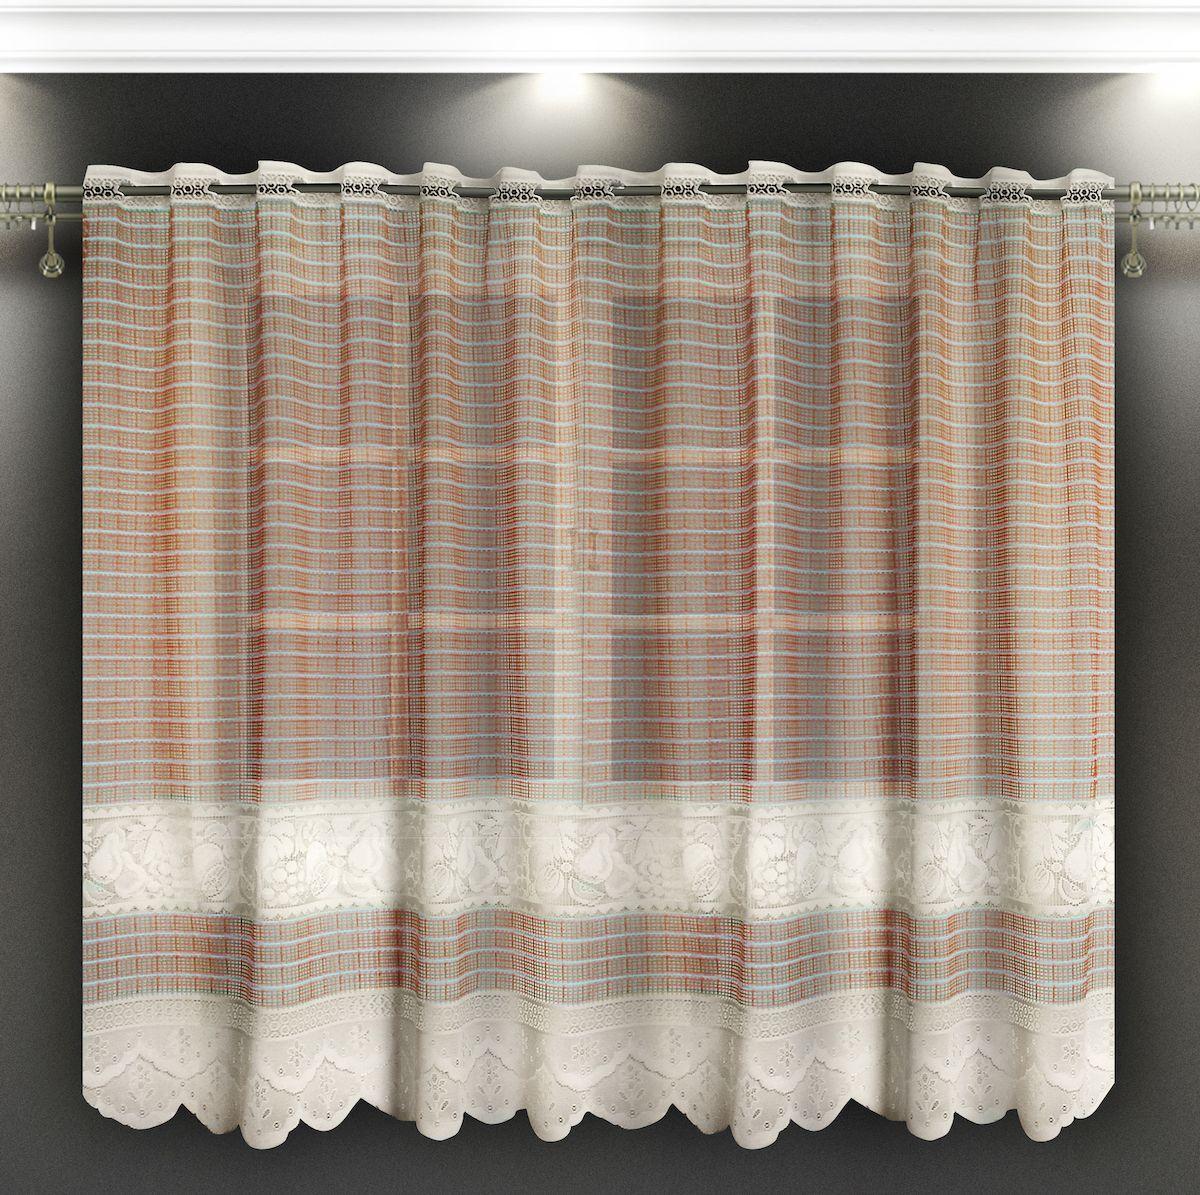 Гардина Zlata Korunka, на зажимах, цвет: бежевый, высота 160 см. 8886988869Гардина Zlata Korunka, изготовленная из высококачественного полиэстера, станет великолепным украшением любого окна. Тюле-кружевная текстура полотна привлечет к себе внимание и органично впишется в интерьер. Оригинальное оформление гардины внесет разнообразие и подарит заряд положительного настроения.Крепится на зажимах для штор.